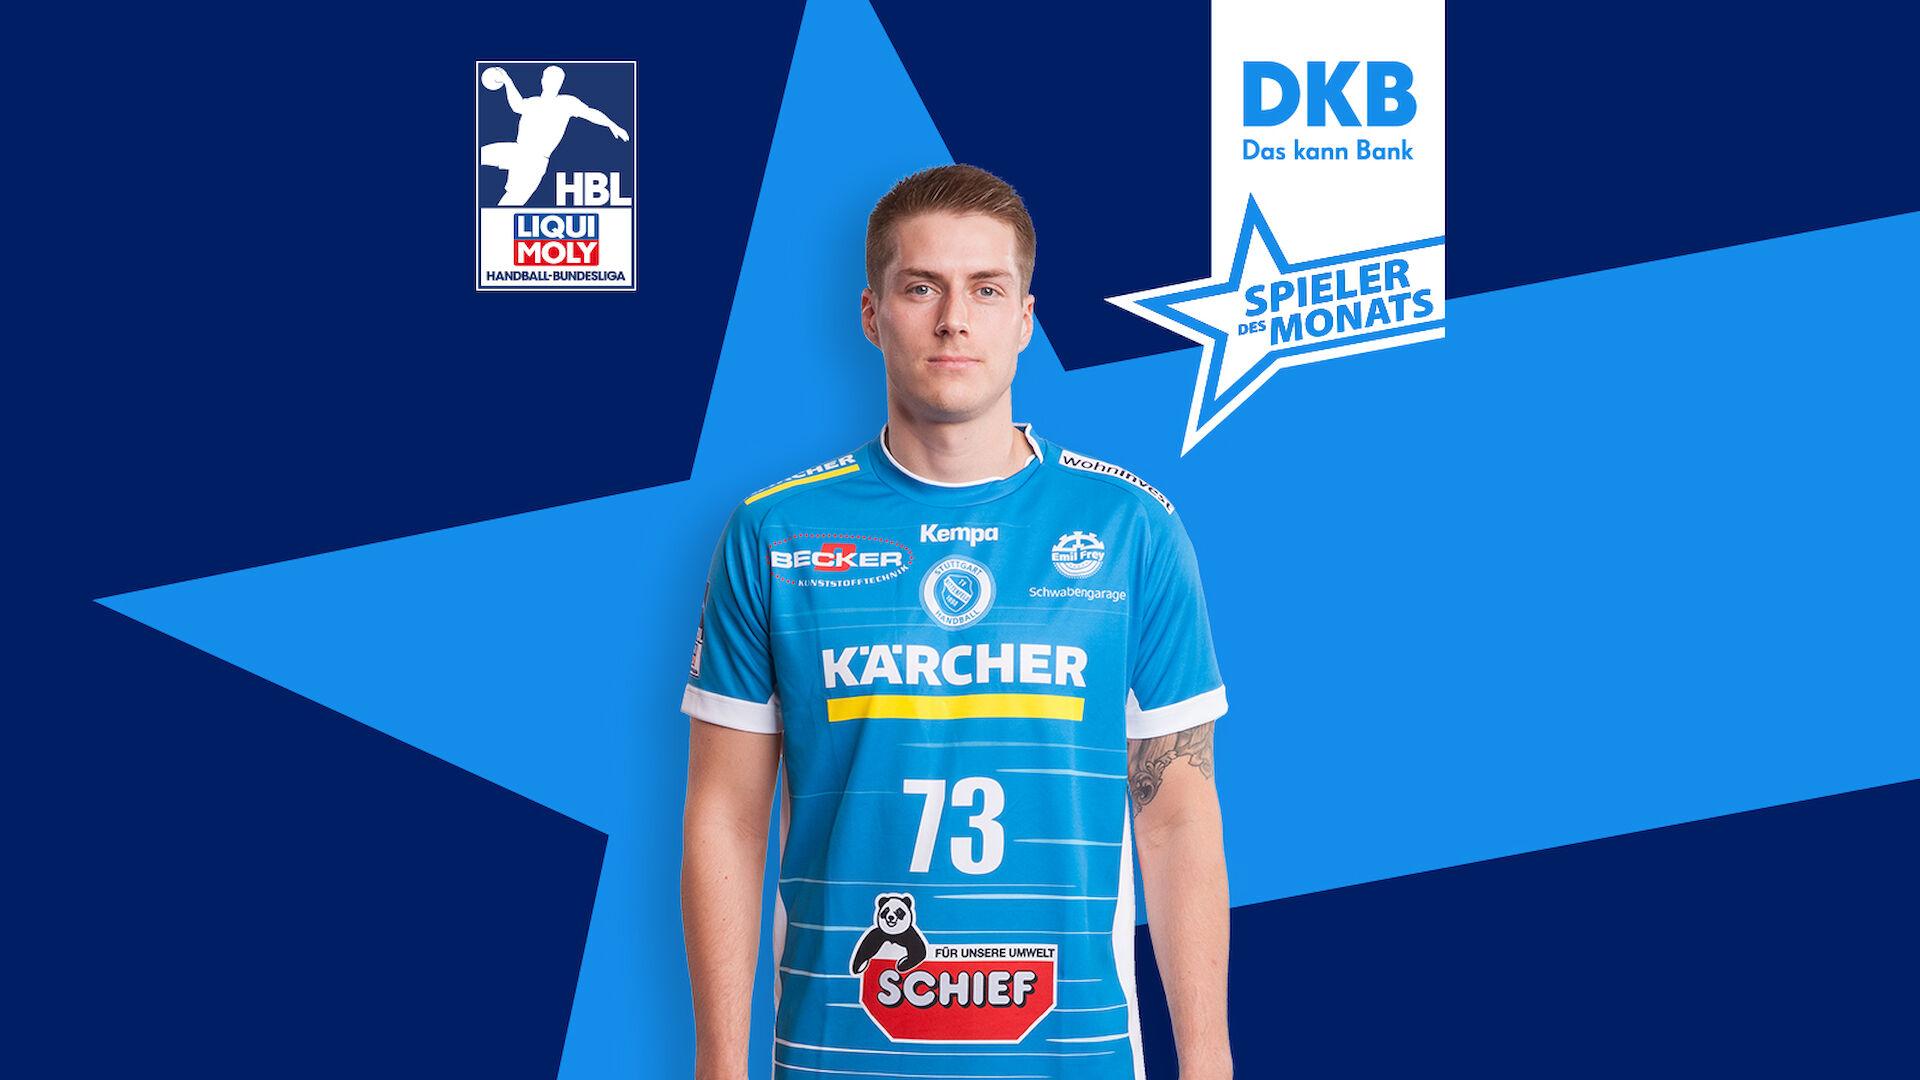 Dkb Handball Wm 2021 Tv